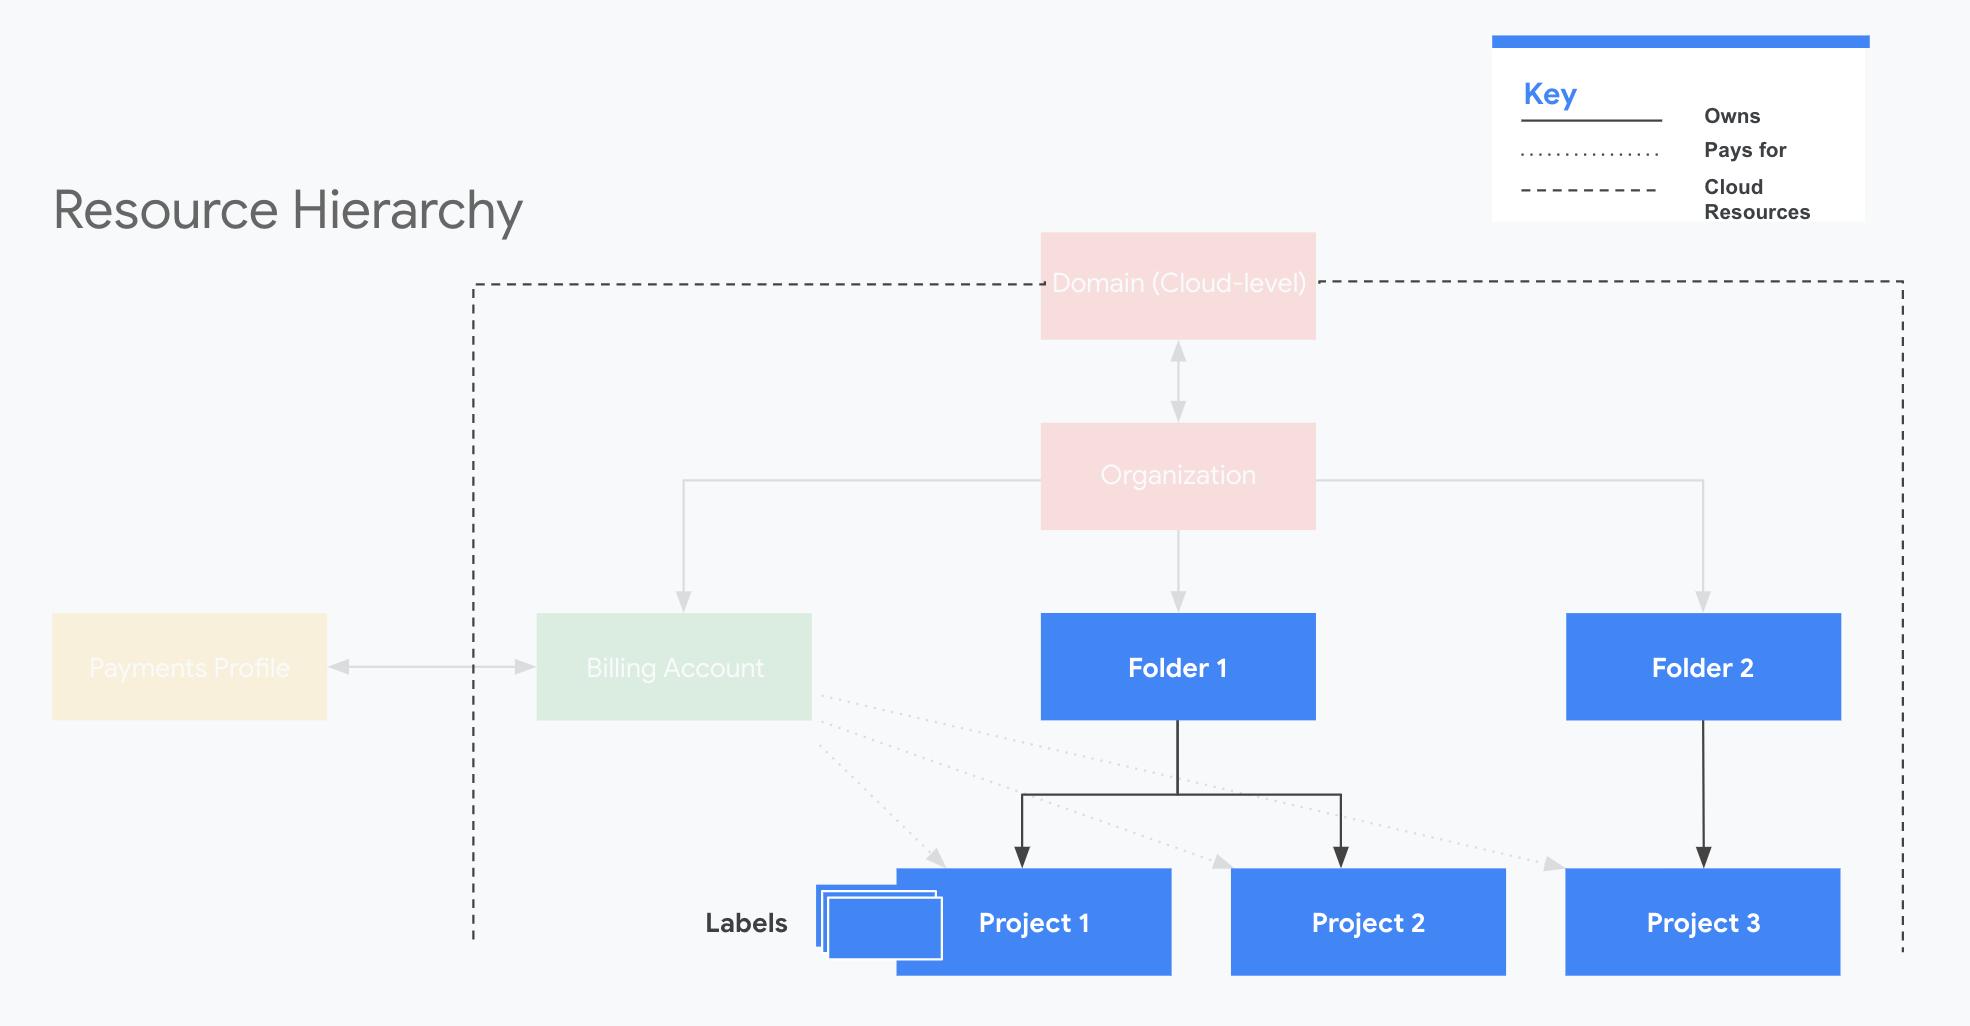 リソース階層におけるプロジェクト、フォルダ、ラベル